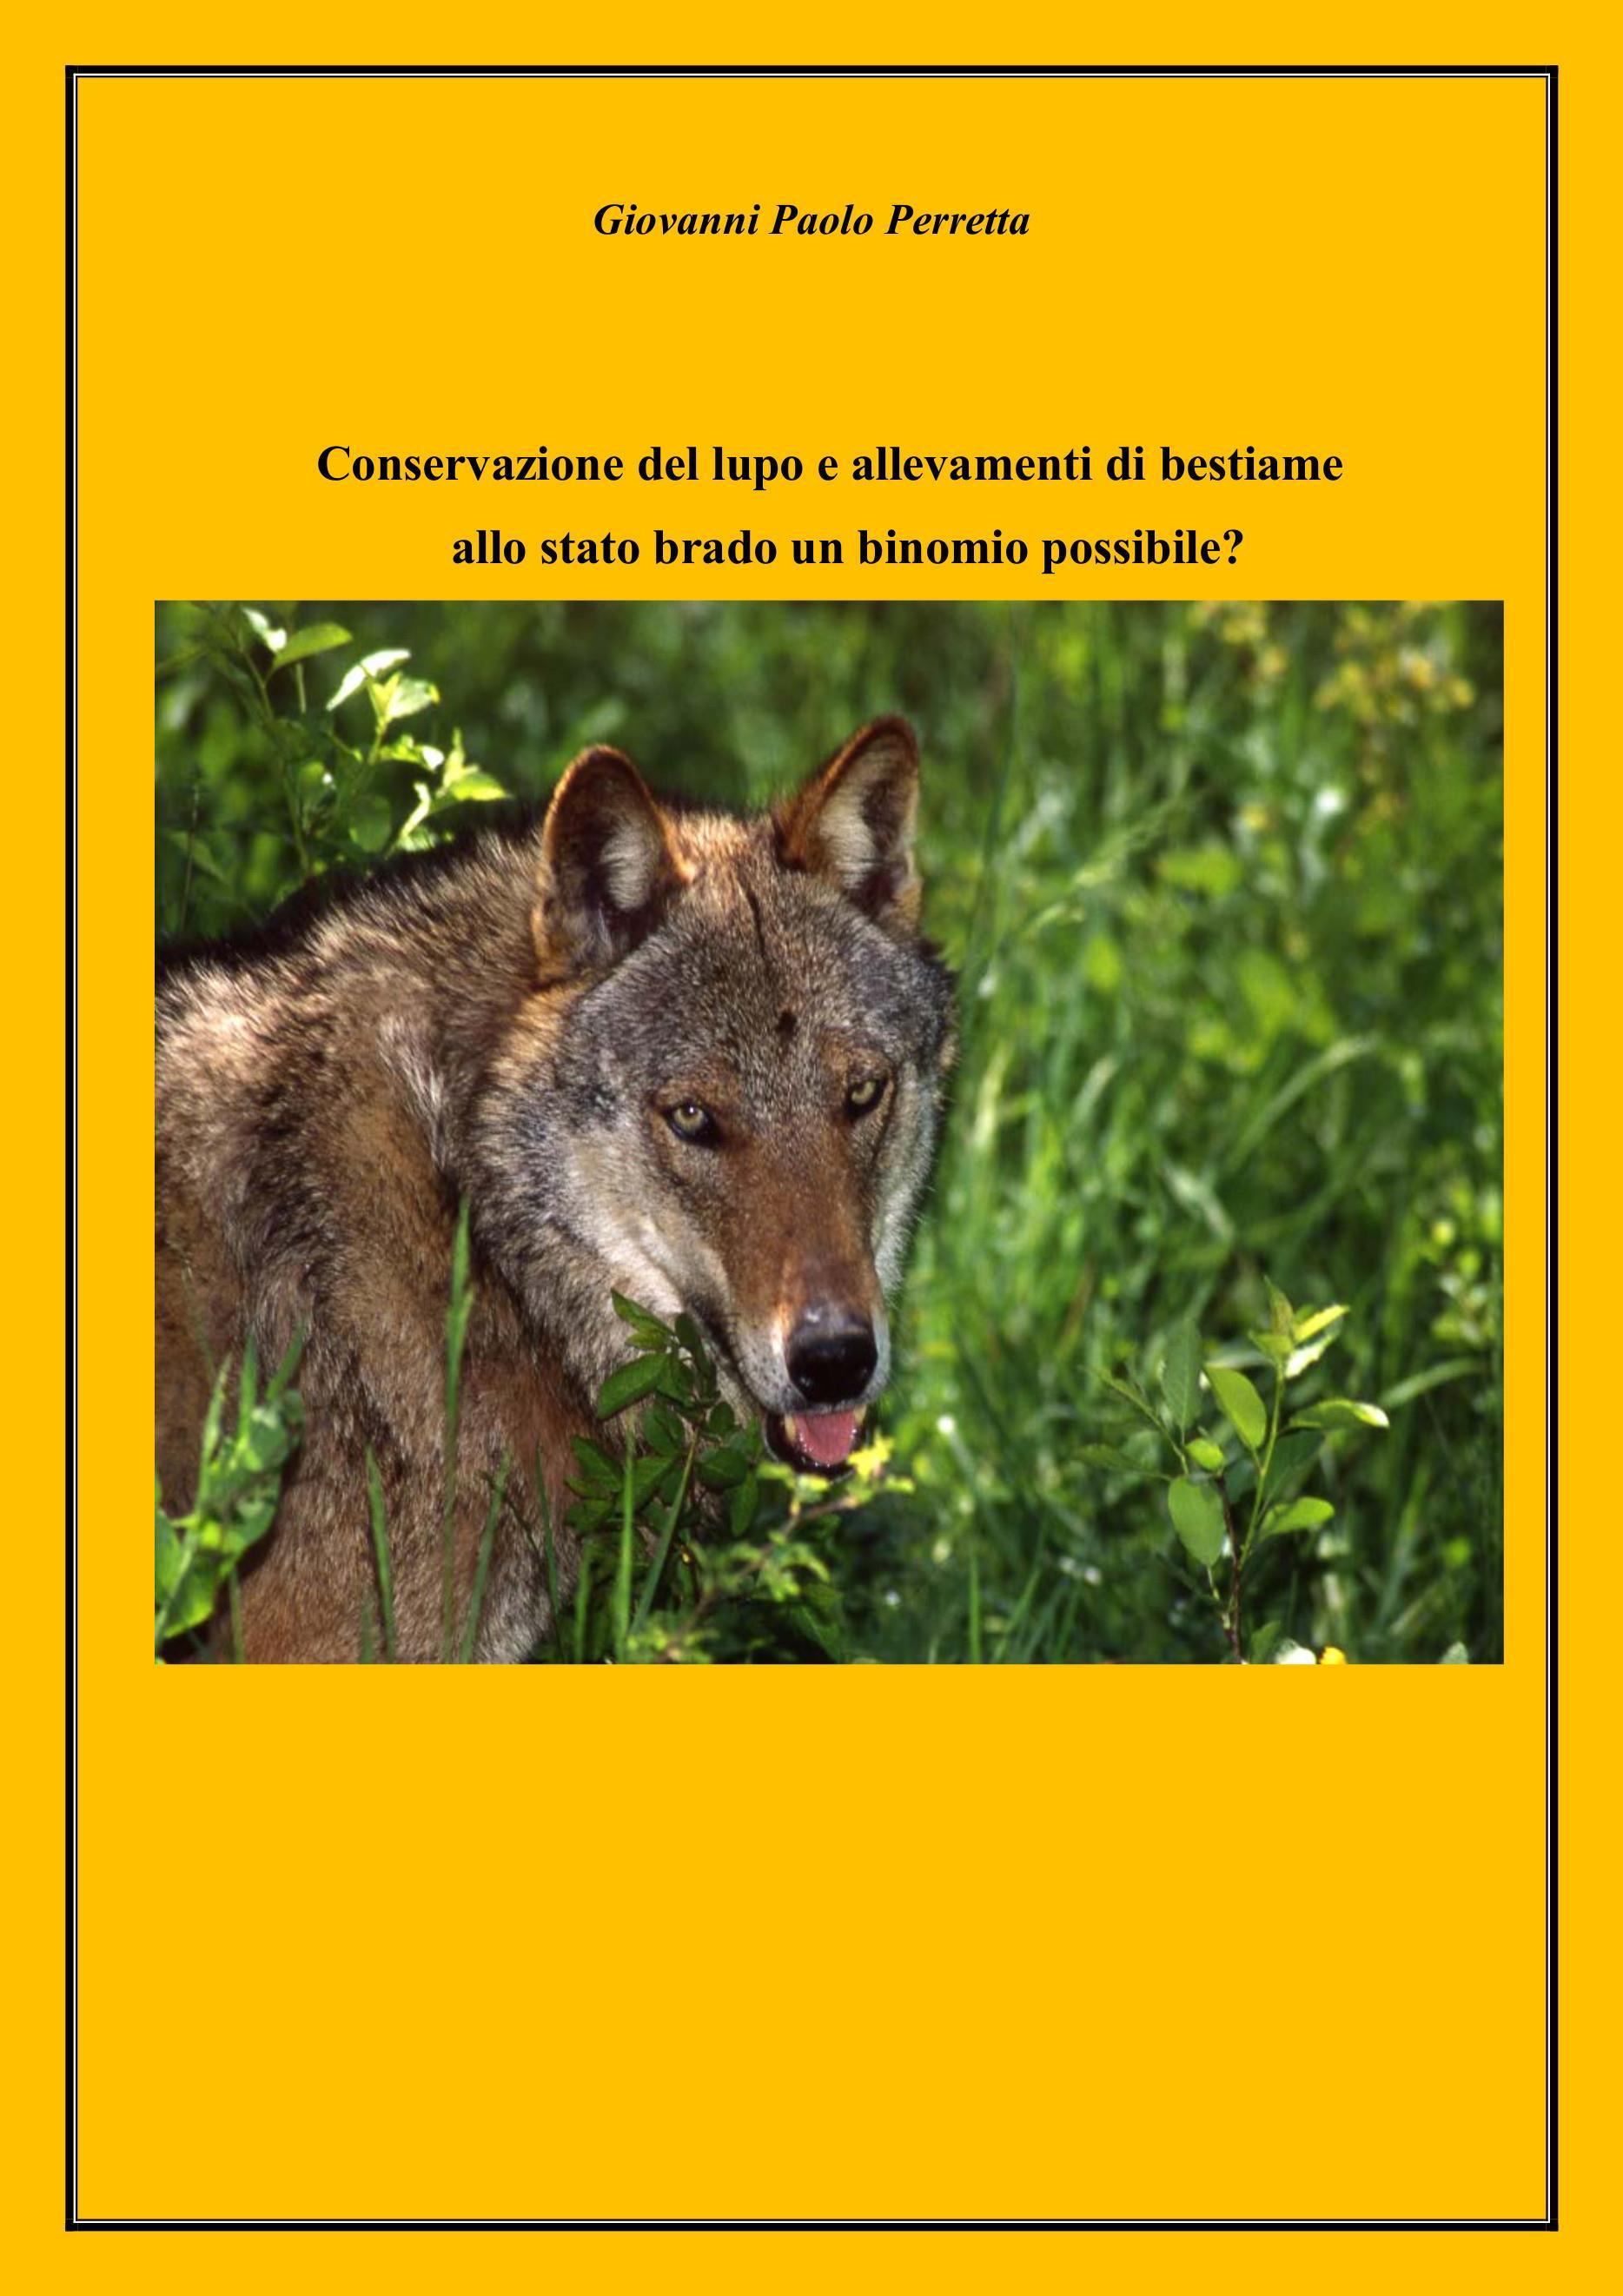 Conservazione del lupo e allevamenti di bestiame allo stato brado. Un binomio possibile?